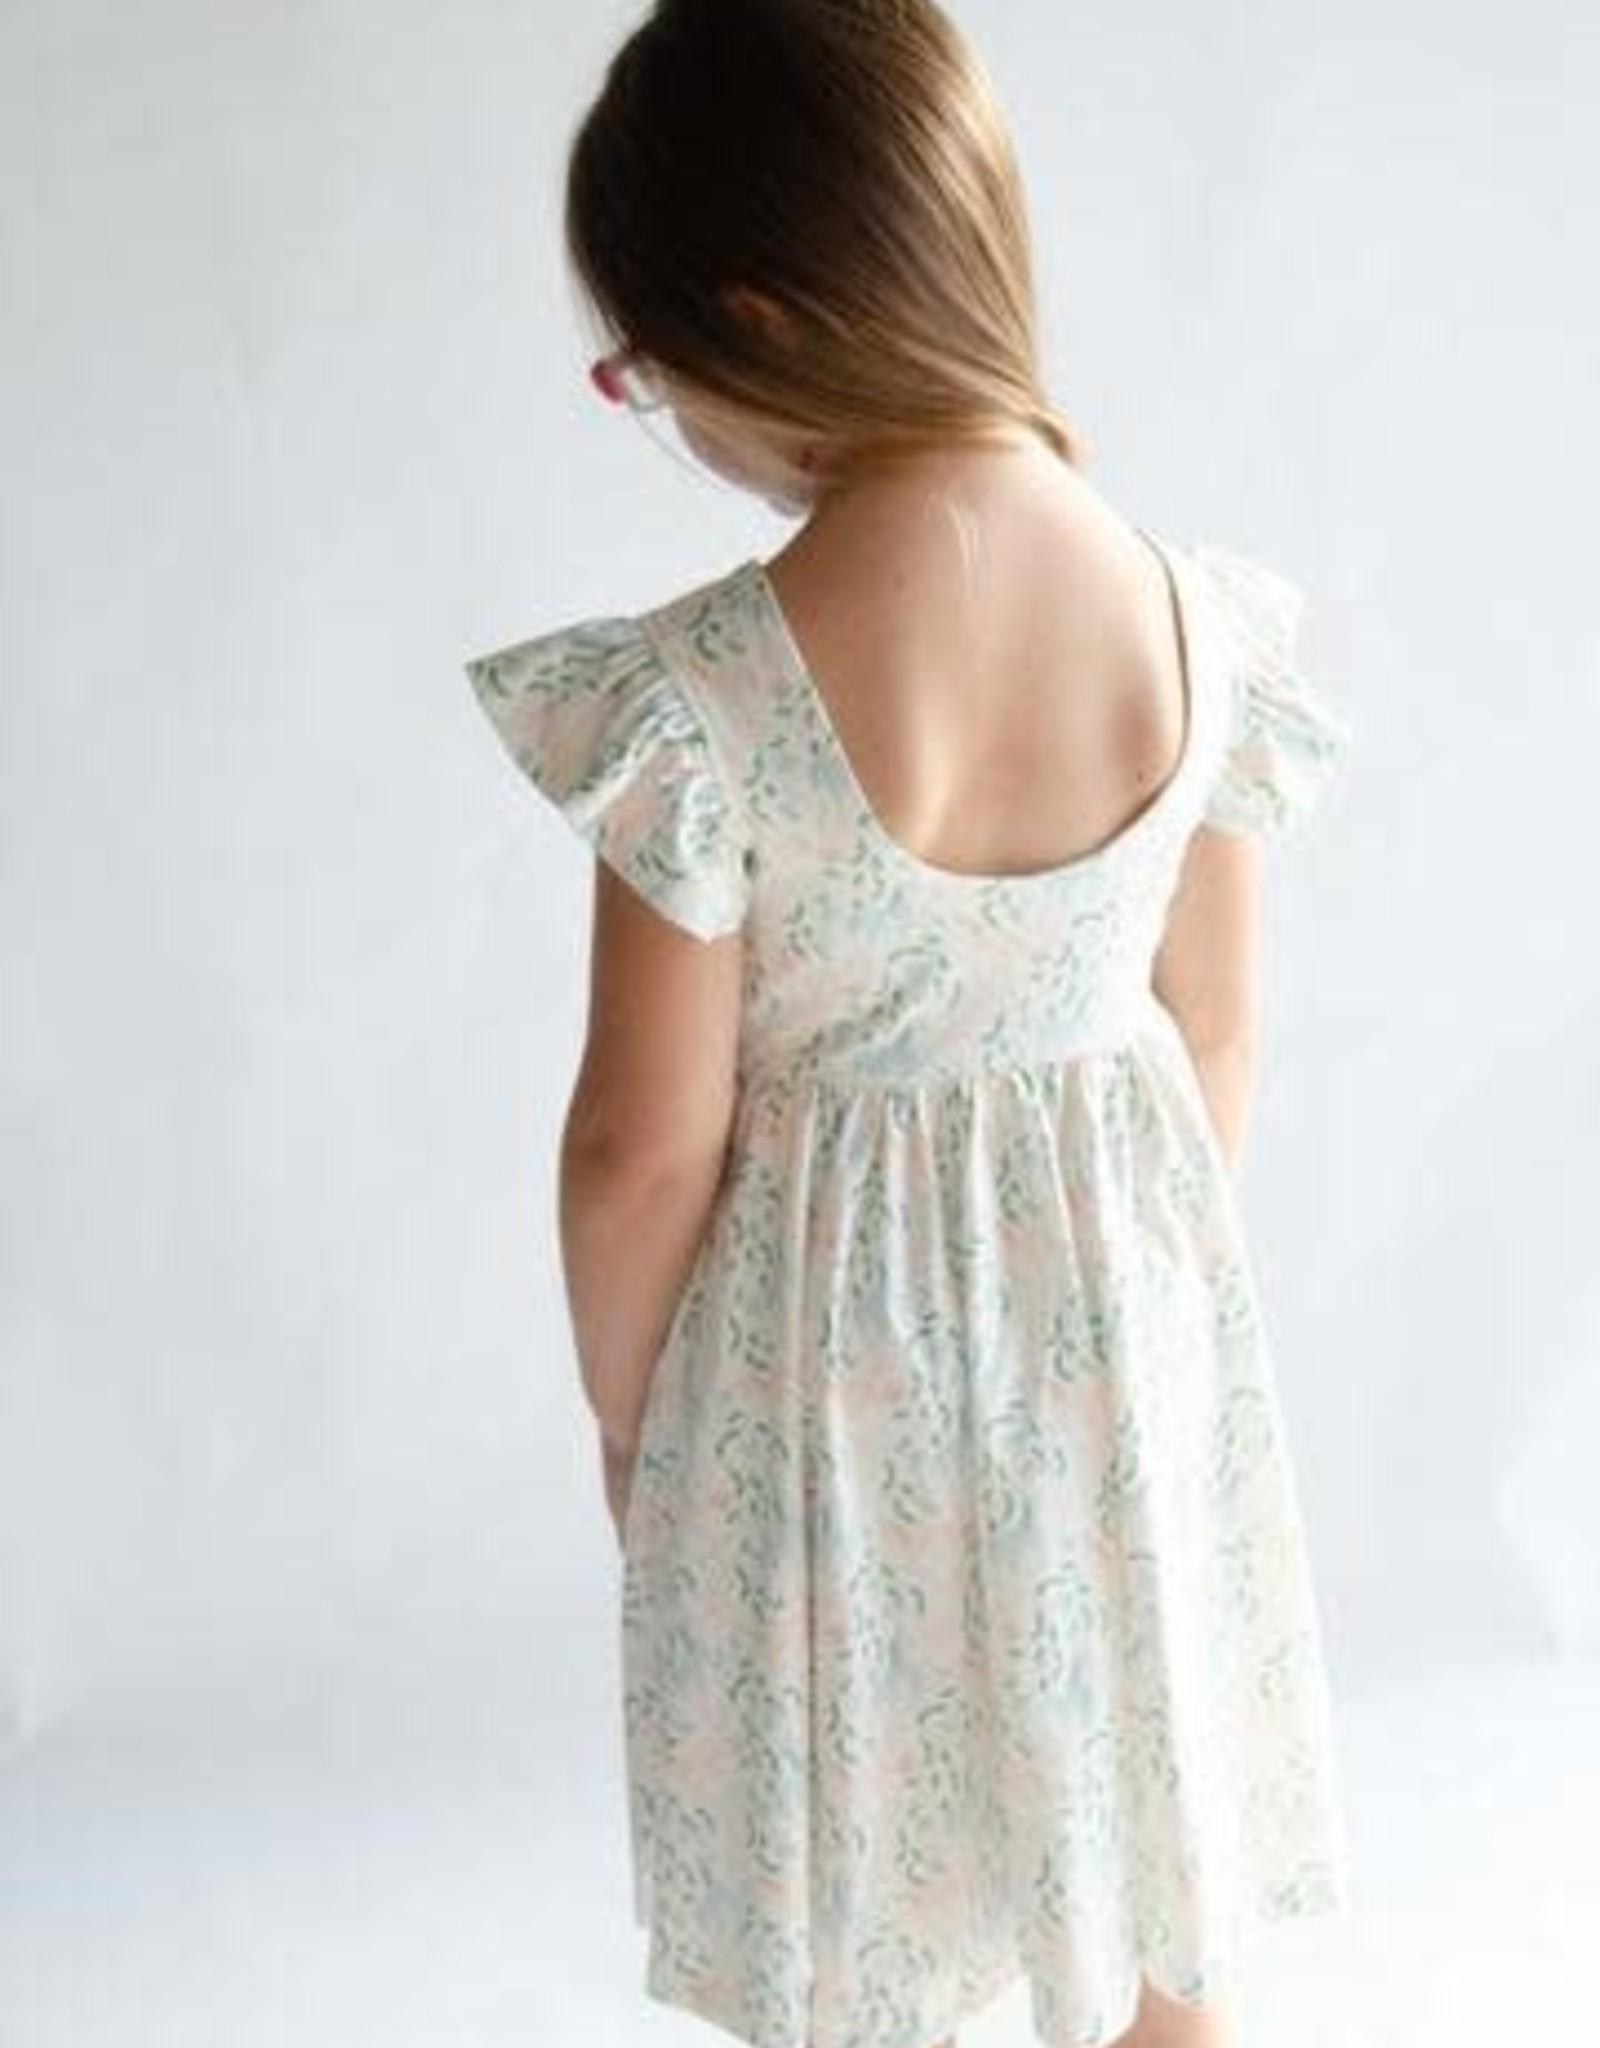 Ollie Jay Ollie Jay Olivia Dress